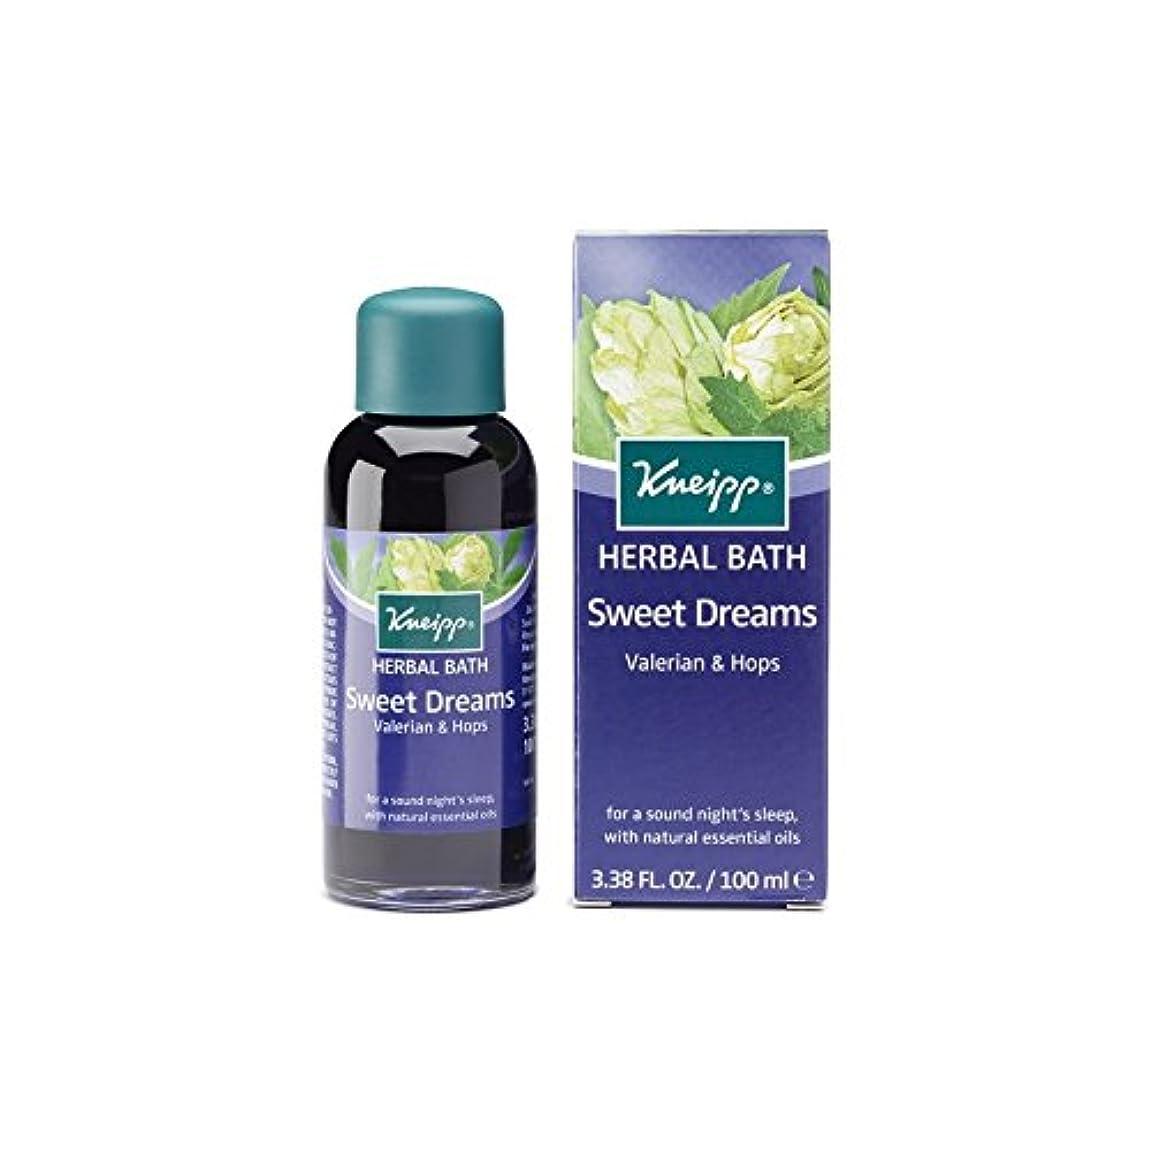 破産ビーズヒュームKneipp Sweet Dreams Herbal Valerian and Hops Bath Oil (100ml) - クナイプ甘い夢ハーブカノコソウとバスオイル(100ミリリットル)をホップ [並行輸入品]